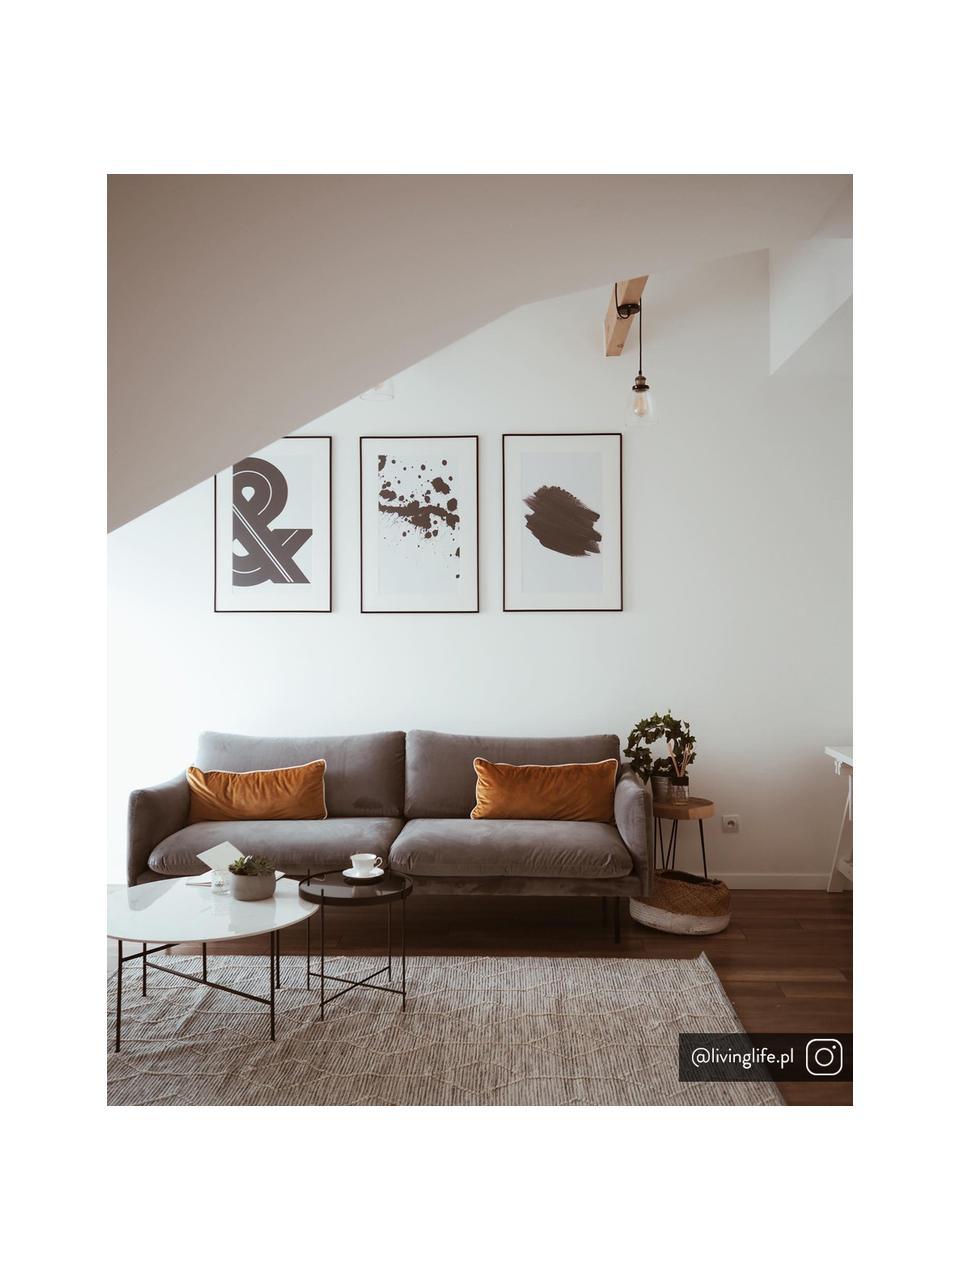 Fluwelen bank Moby (3-zits) in grijs met metalen poten, Bekleding: fluweel (hoogwaardig poly, Frame: massief grenenhout, Poten: gepoedercoat metaal, Fluweel grijs, B 220 x D 95 cm